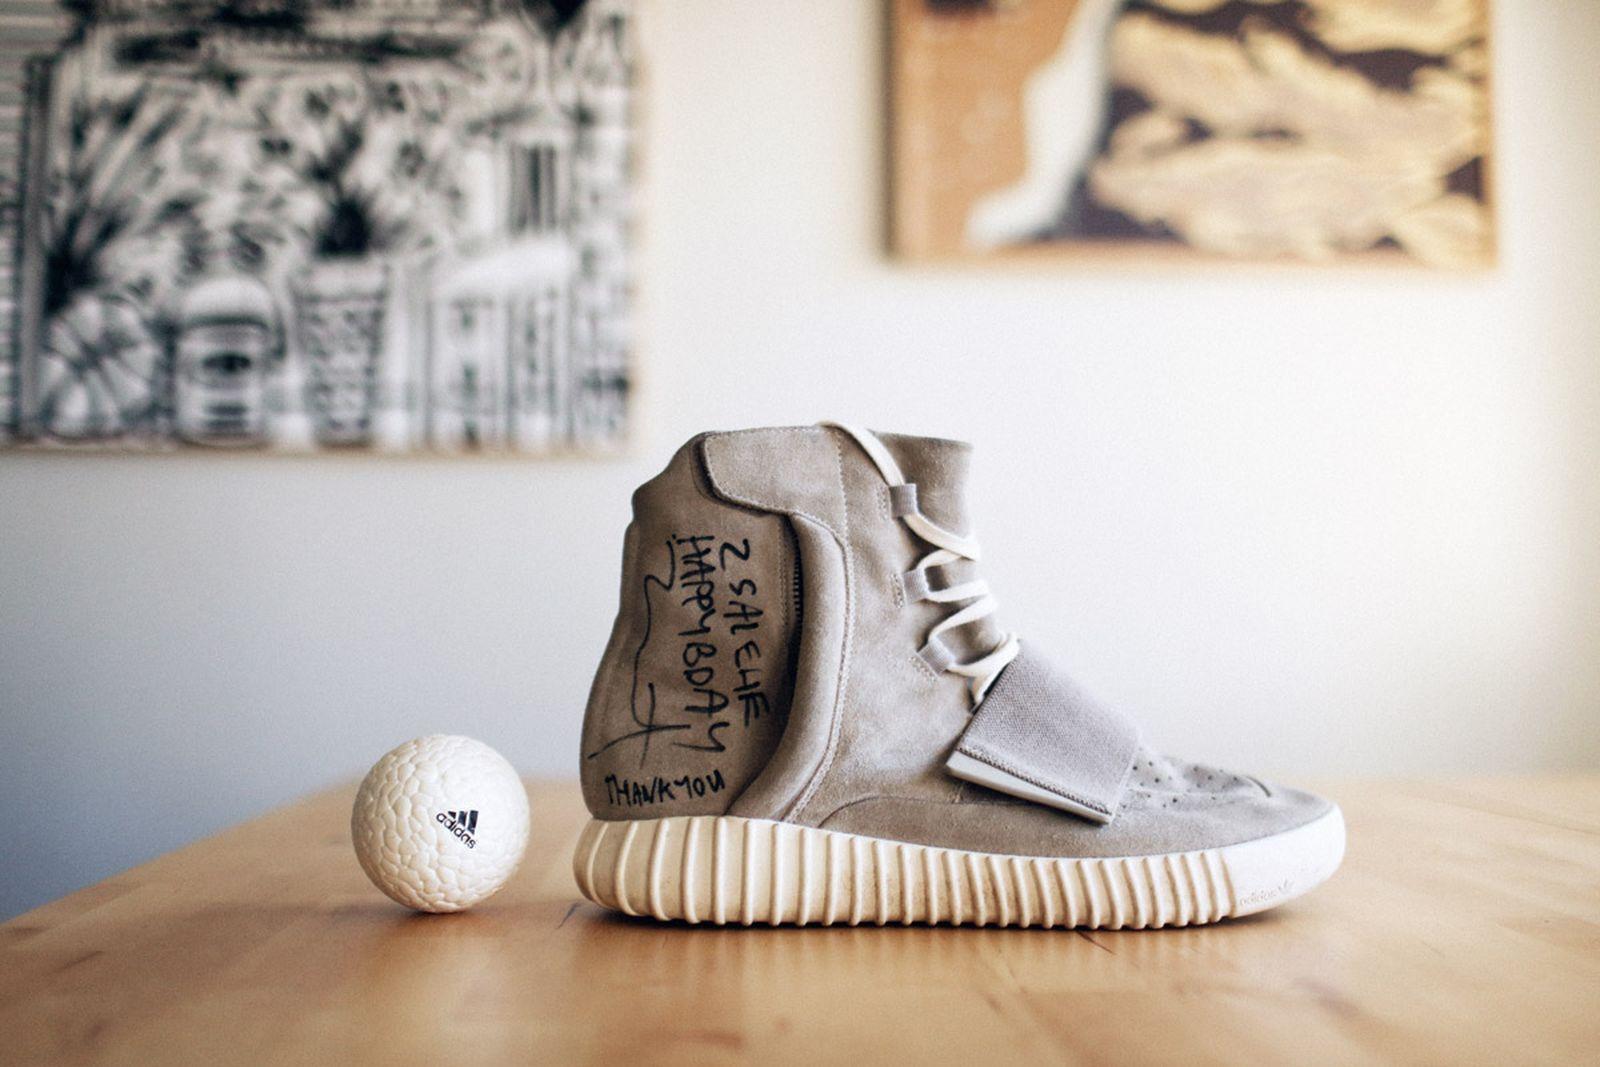 next-gen-sneakers-salehe-bembury-pioneered-luxury-sneakers-02